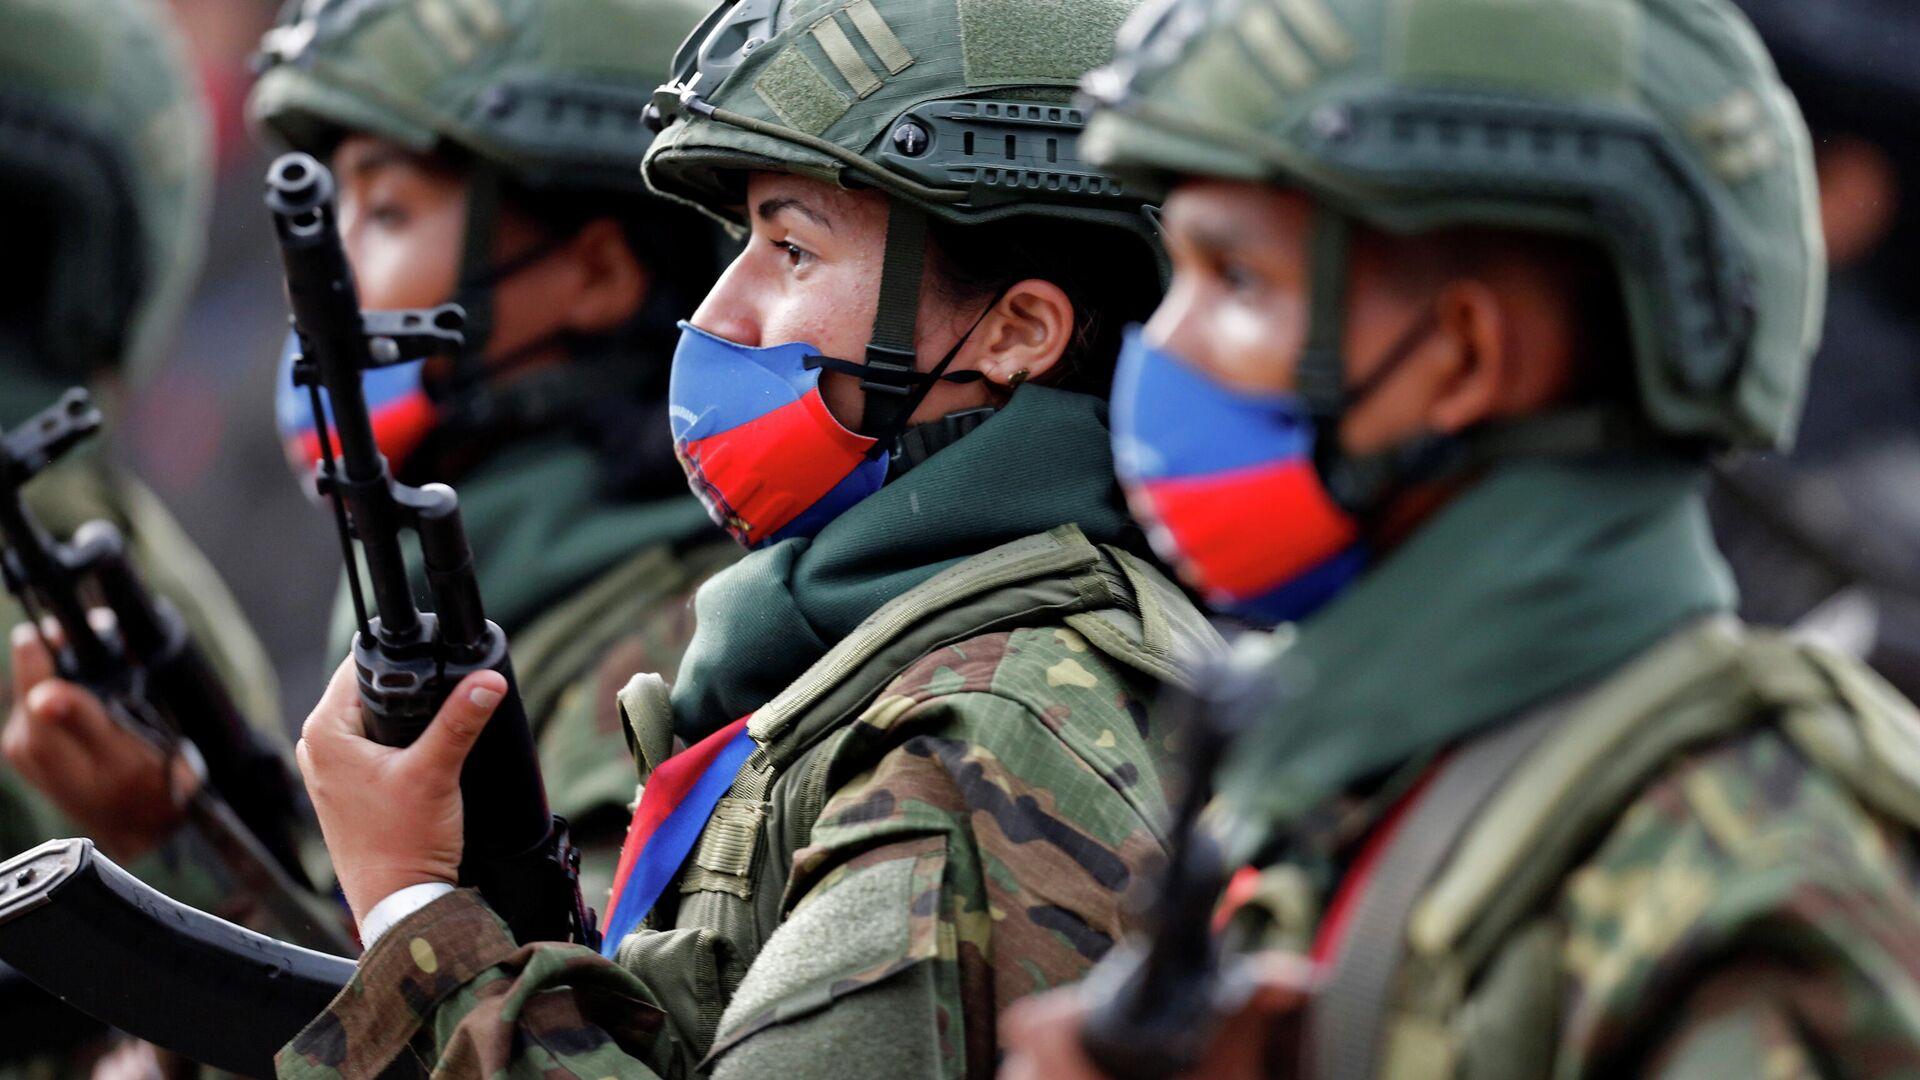 Marcha militar en honor al 200 aniversario de la Batalla de Carabobo en Valencia (Venezuela), el 24 de junio del 2021 - Sputnik Mundo, 1920, 24.06.2021